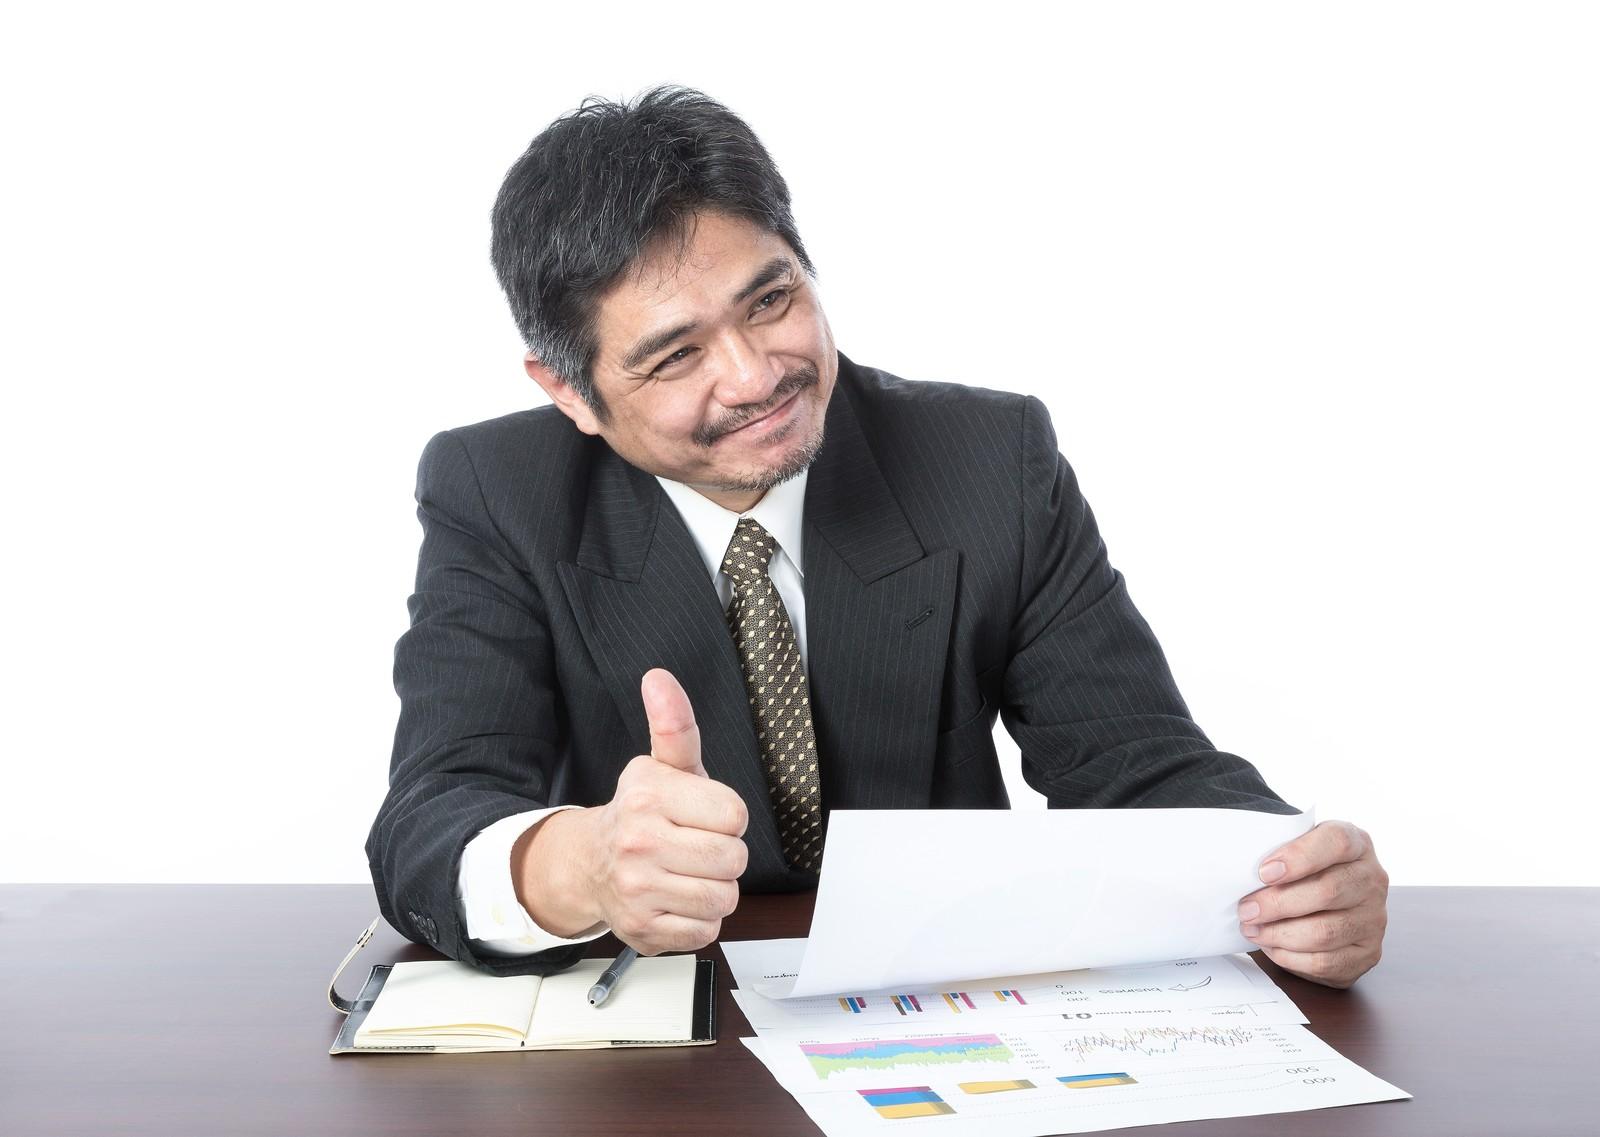 副業として稼げる資格である社会保険労務士が仕事している感じをイメージした画像